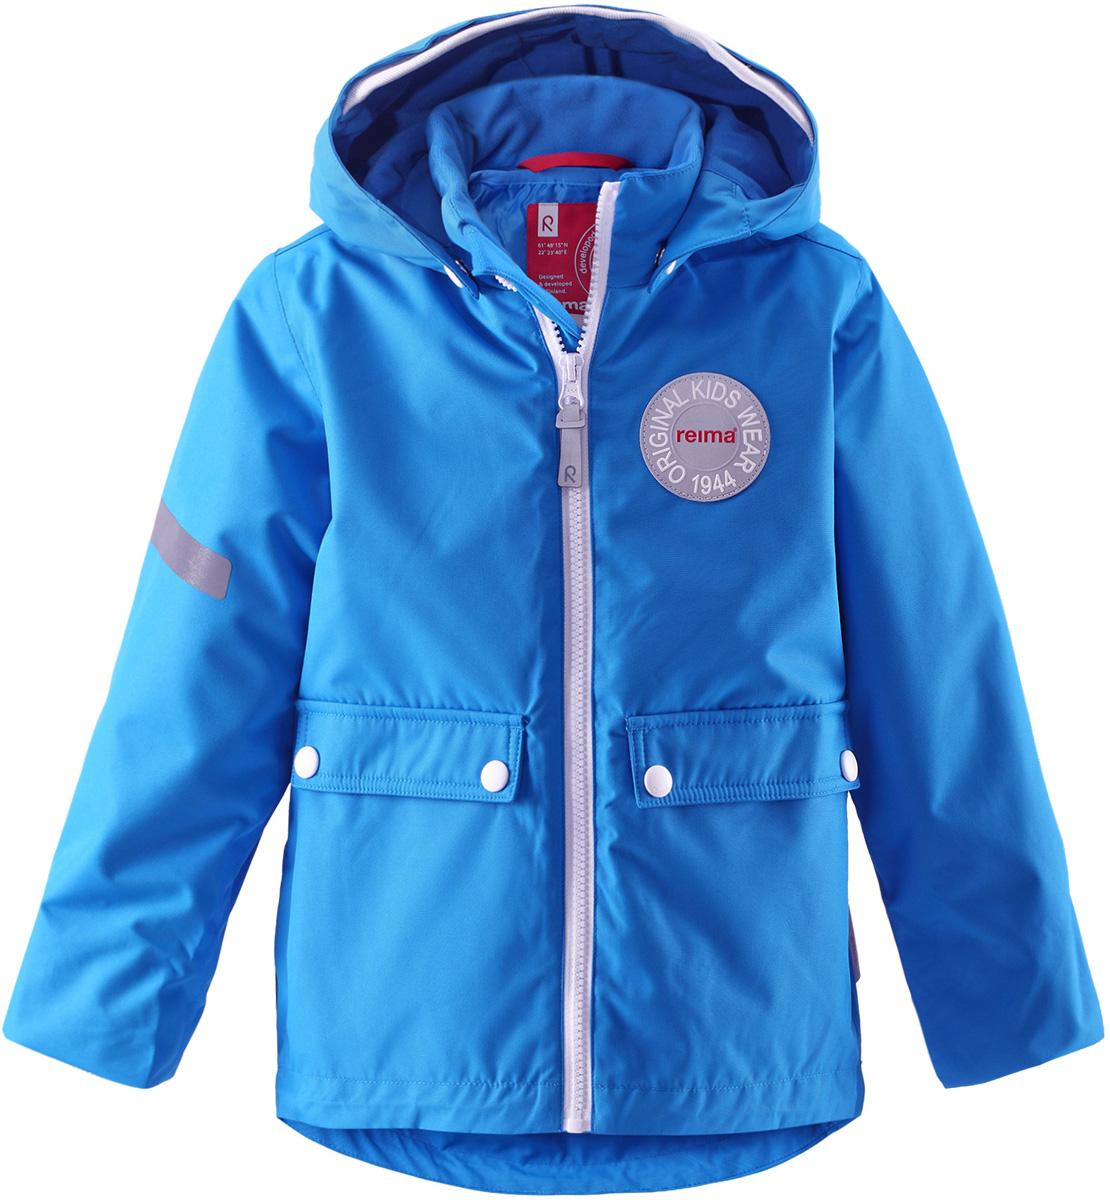 521463-2500Детская куртка Reima Taag идеально подойдет для ребенка в прохладное время года. Куртка изготовлена из водоотталкивающей и ветрозащитной мембранной ткани. Материал отличается высокой устойчивостью к трению, благодаря специальной обработке полиуретаном поверхность изделия отталкивает грязь и воду, что облегчает поддержание аккуратного вида одежды, дышащее покрытие с изнаночной части не раздражает даже самую нежную и чувствительную кожу ребенка, обеспечивая ему наибольший комфорт. Куртка с капюшоном и длинными стандартными рукавами застегивается на пластиковую застежку-молнию с защитой подбородка, благодаря чему ее легко надевать и снимать, и дополнительно имеет внутреннюю ветрозащитную планку. Капюшон, присборенный по верху мягкой резинкой, защитит нежные щечки от ветра, он пристегивается к куртке при помощи застежек-кнопок. Мягкая подкладка на воротнике-стойке и широкая резинка на манжетах обеспечивает дополнительный комфорт. Спинка изделия удлинена....